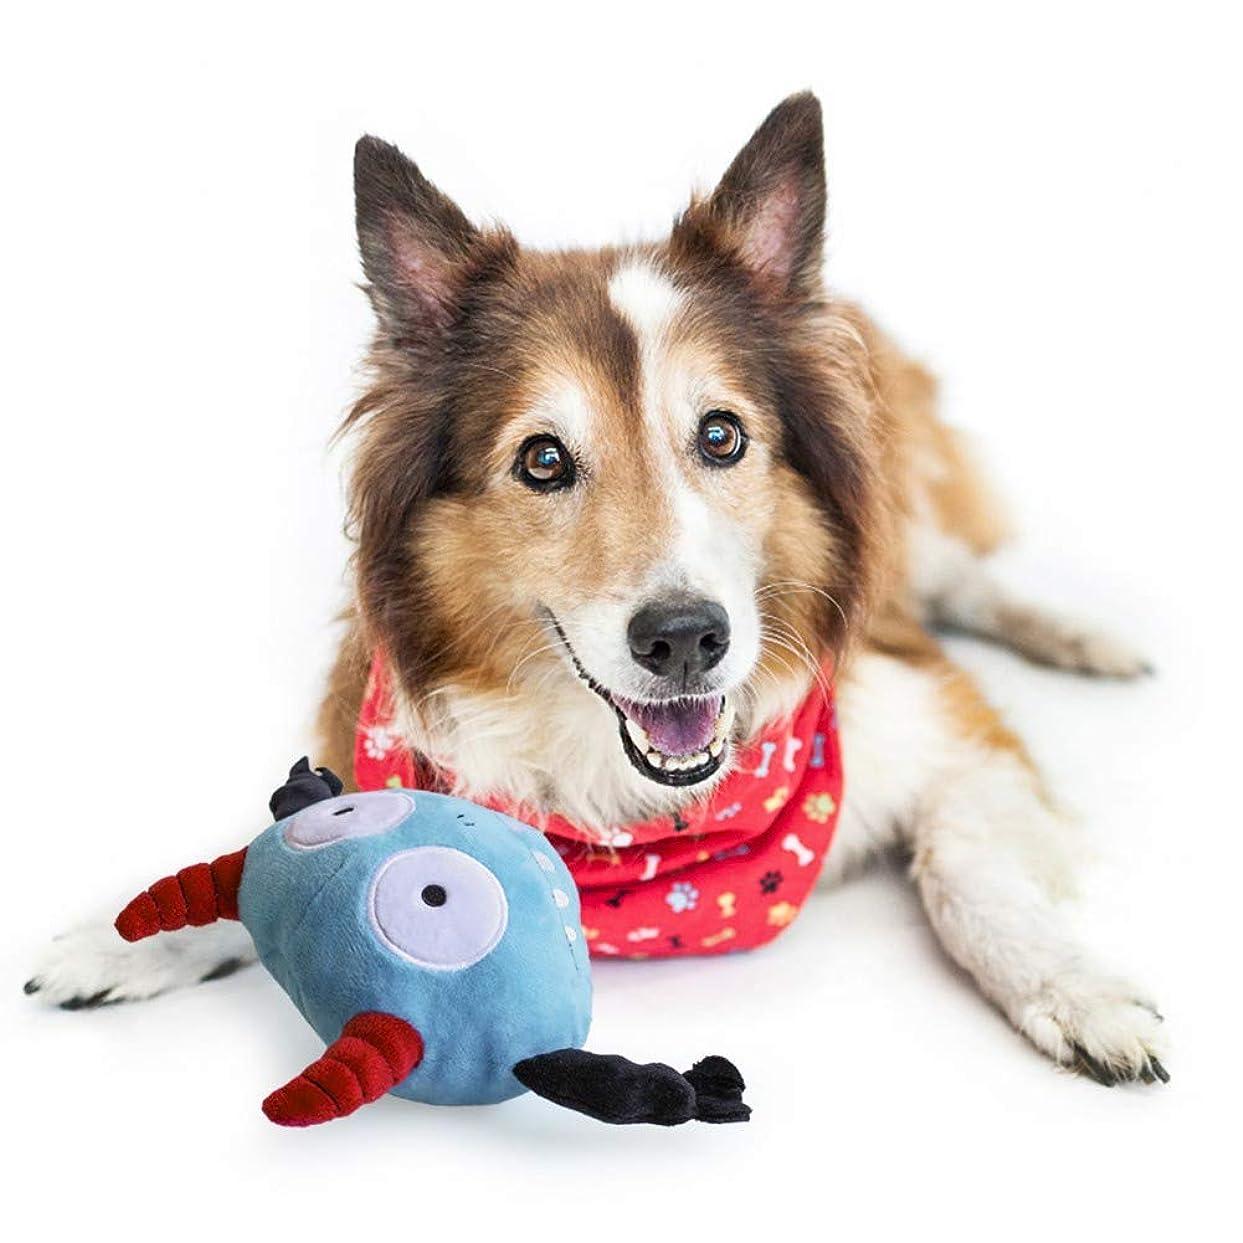 獲物バスケットボールミサイルKarlsitek 犬噛むおもちゃ 犬用おもちゃ ペットおもちゃ ワンちゃん ぬいぐるみ 安全 耐久性 振動装置搭載 小型犬中型犬大型犬 運動不足対応 ストレス解消 耐久性